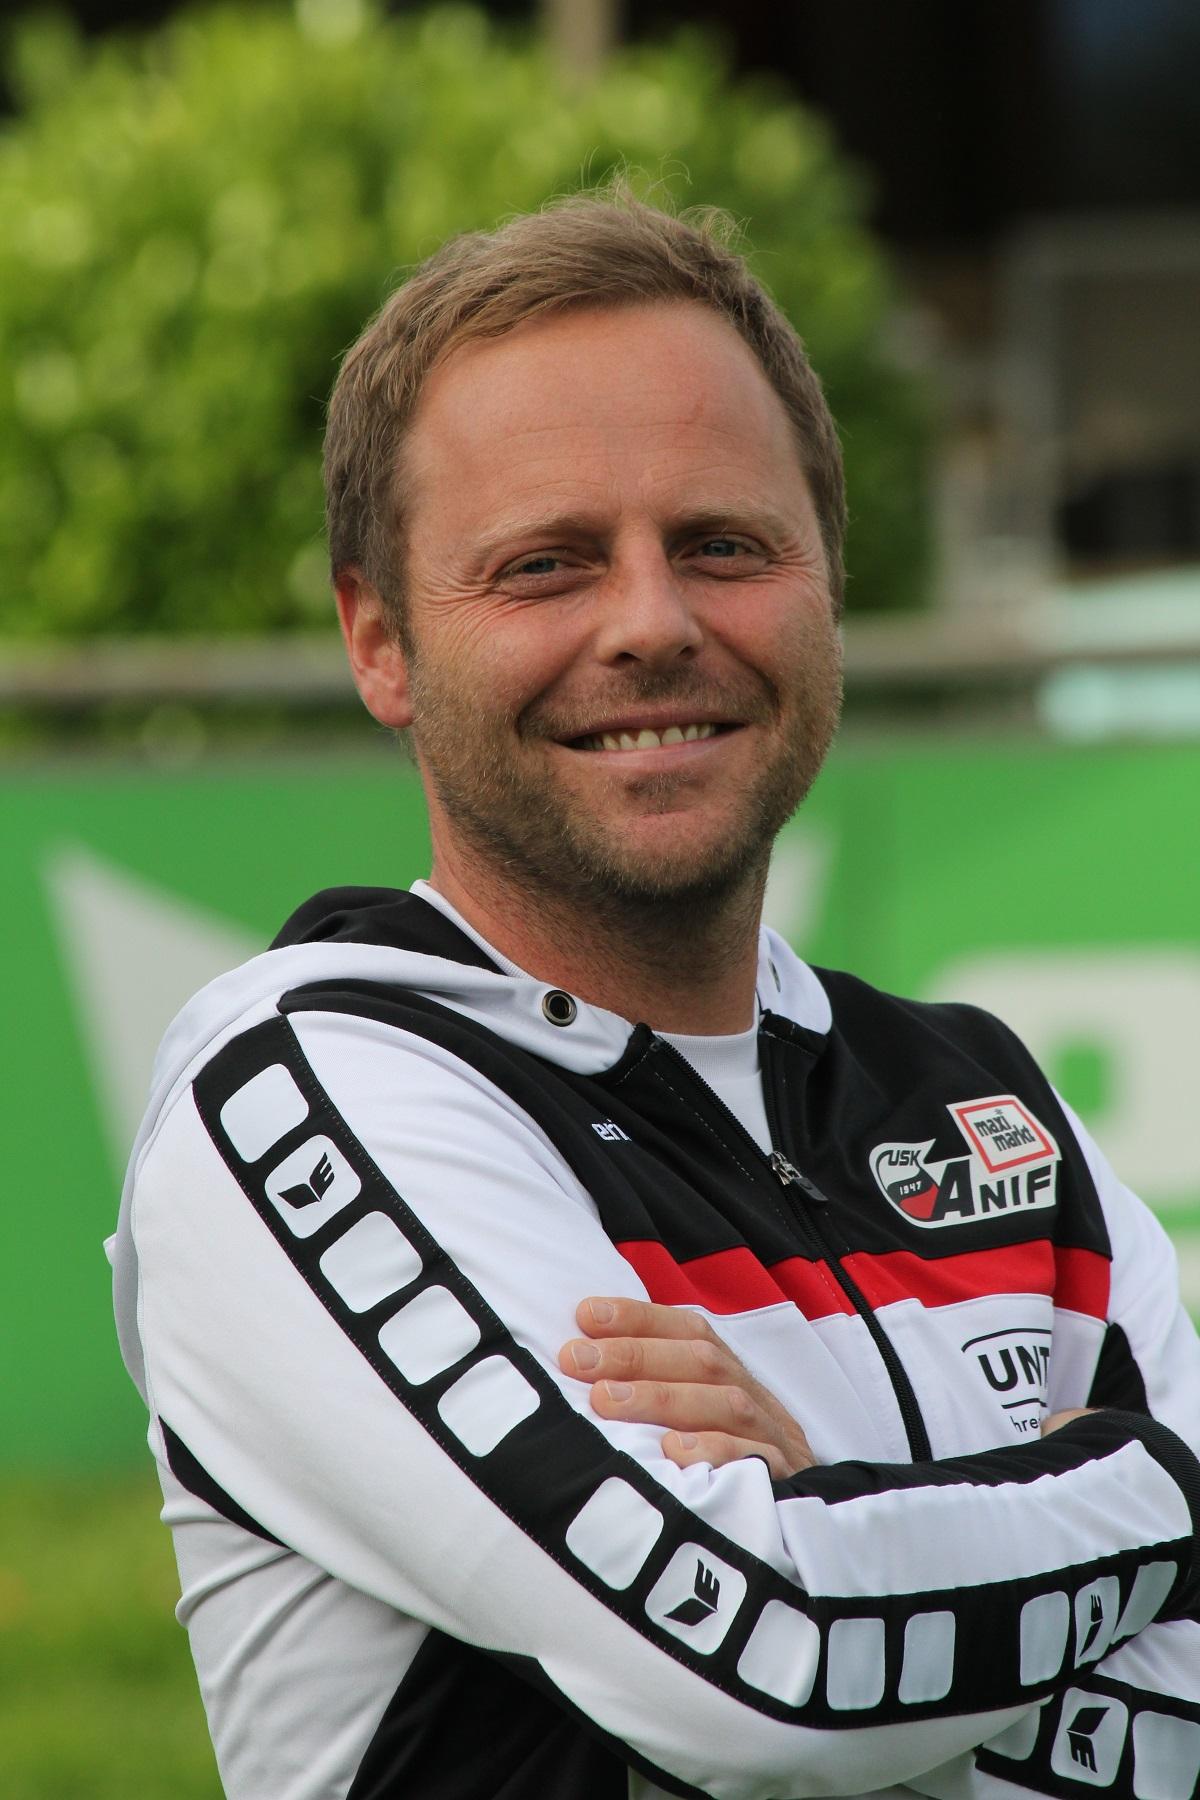 Christian Fuchs, USK-Anif